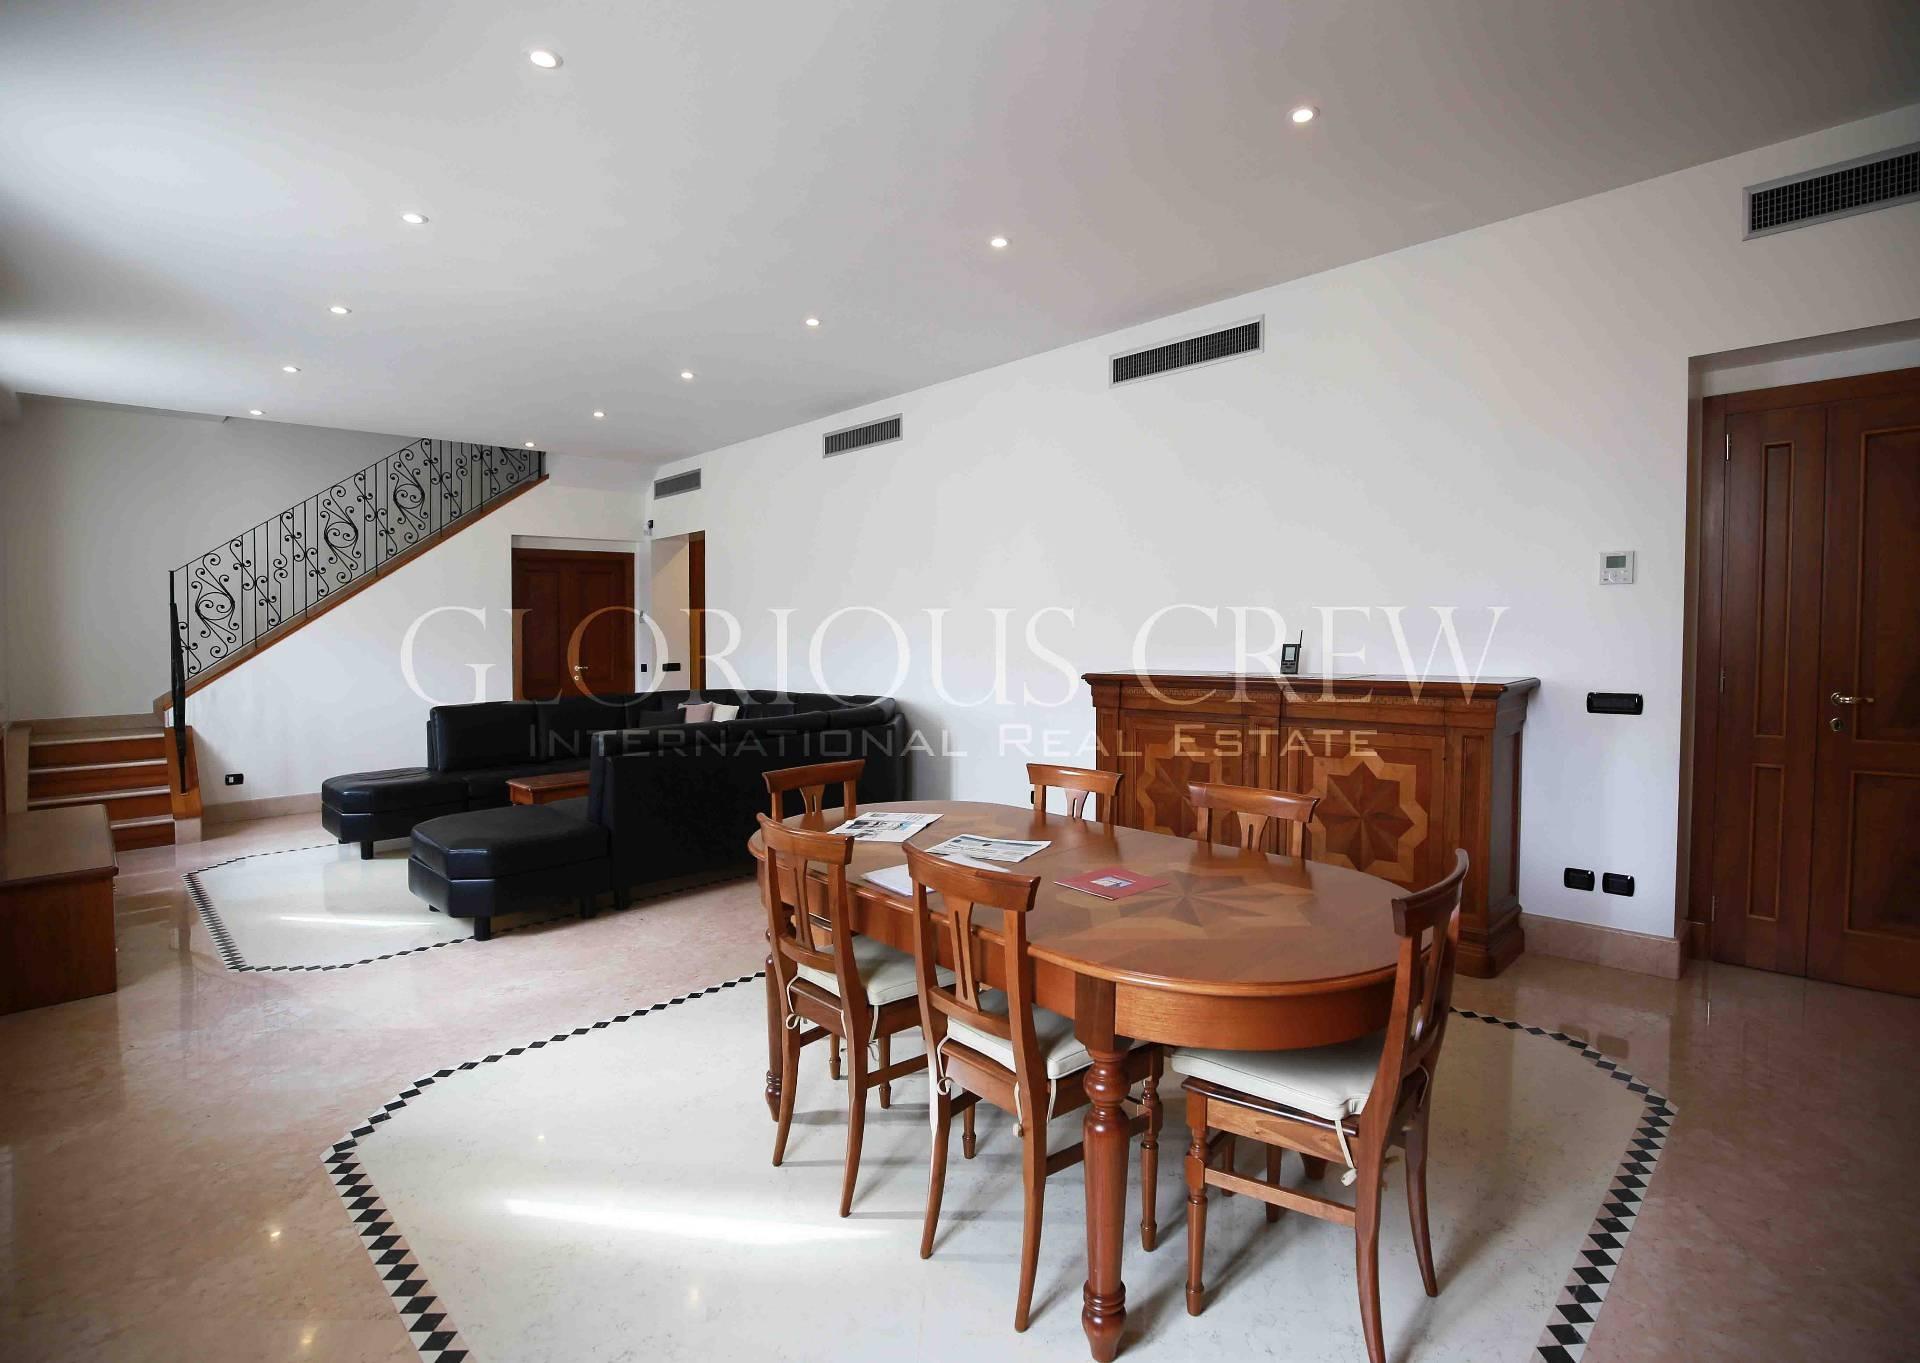 Appartamento di lusso in vendita a milano via giovanni for Planimetrie a un piano con due master suite